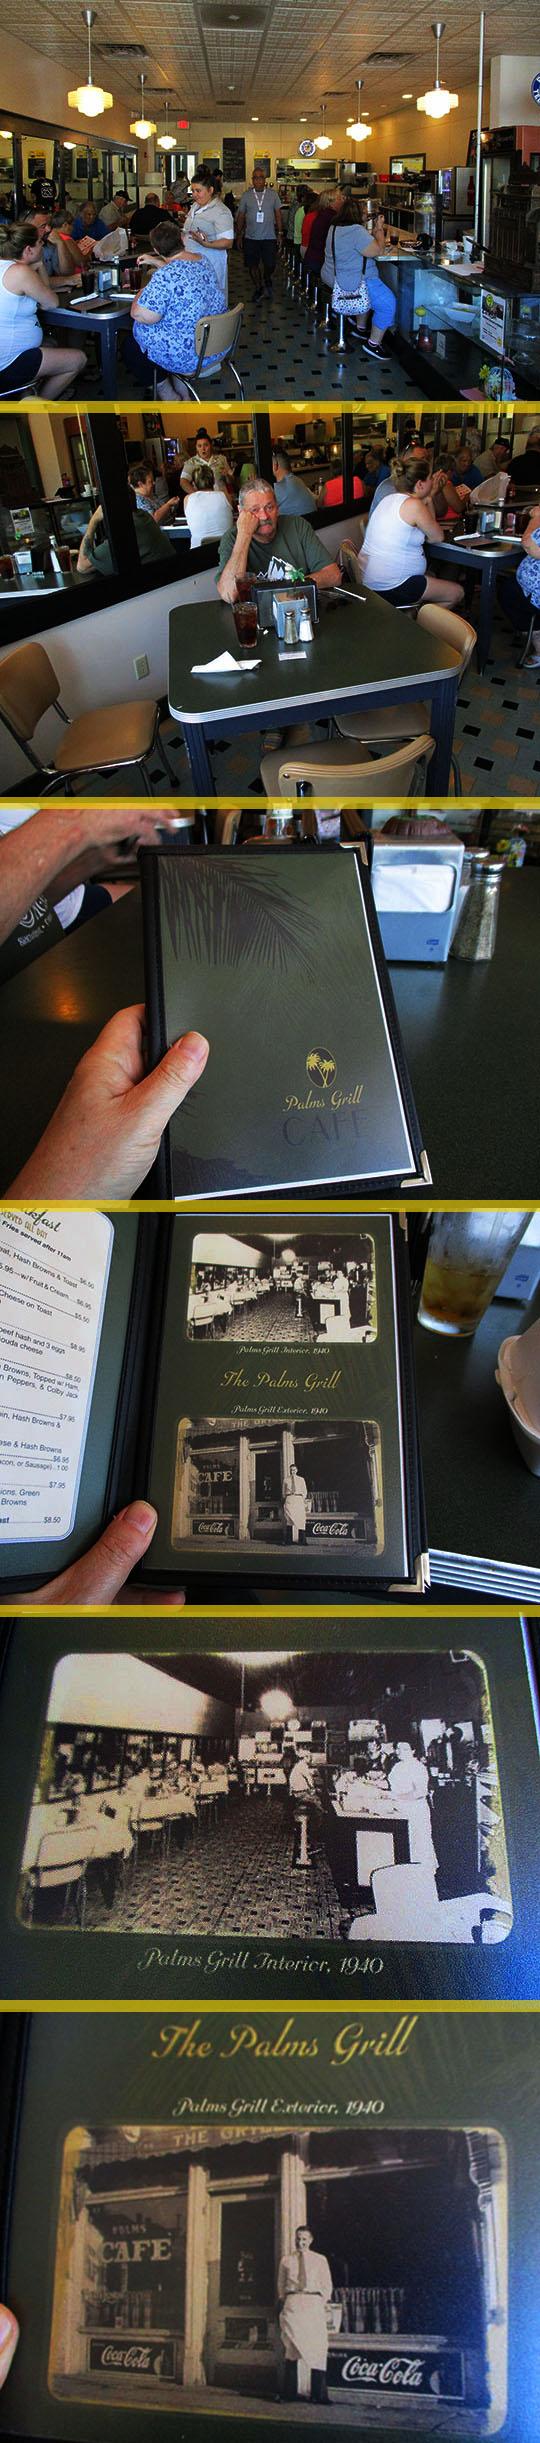 7. menu_8-6-19.jpg